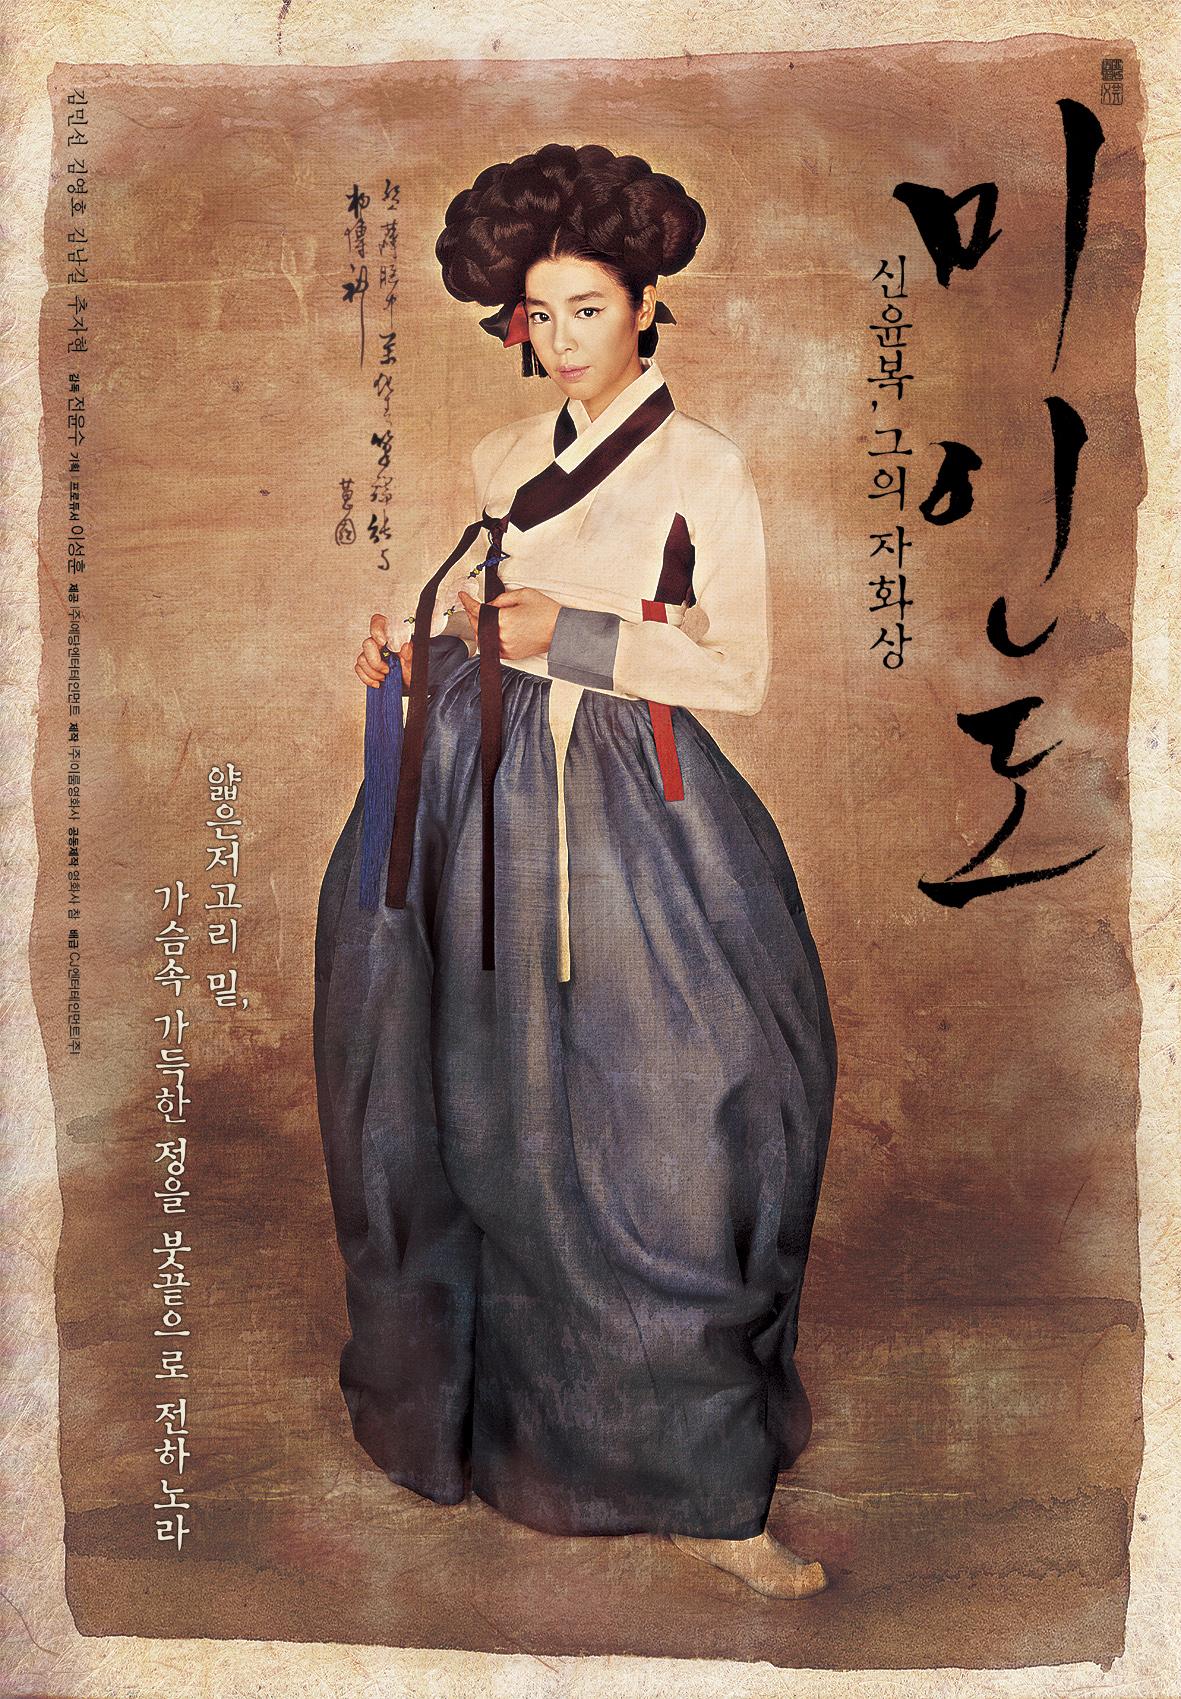 poster_336913.jpg